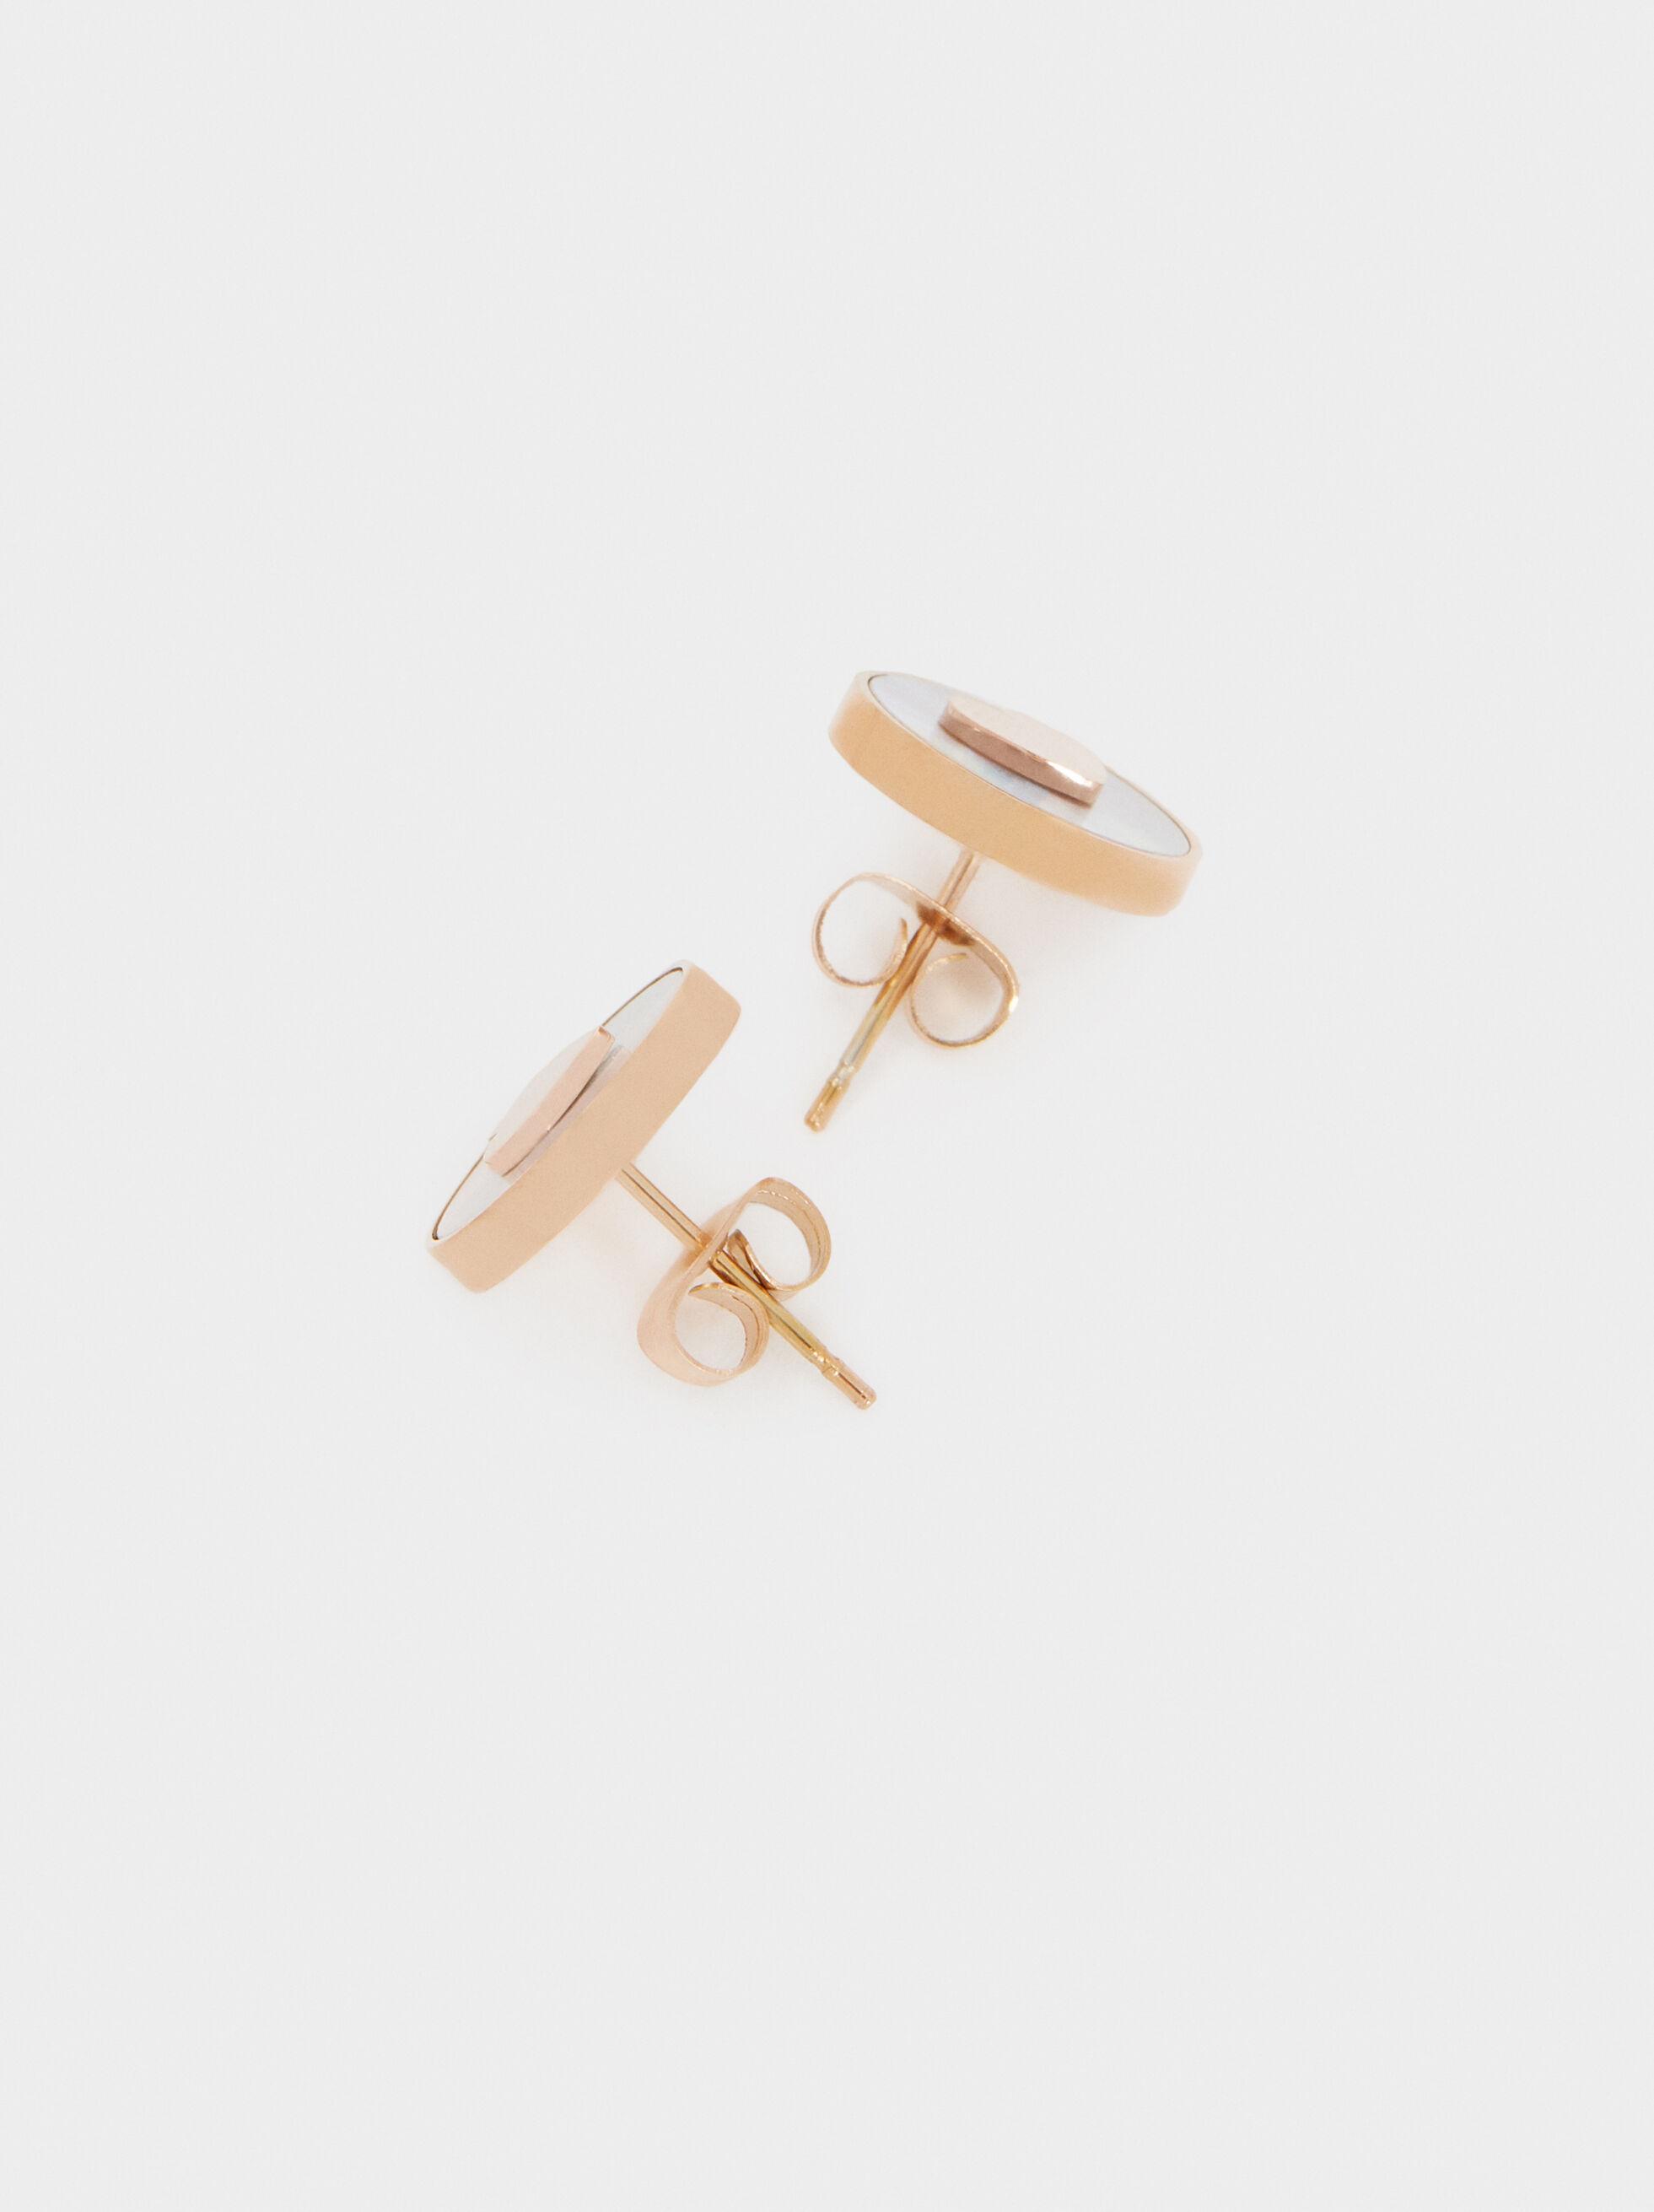 Brincos Curtos De Aço Rose Gold Com Coração, Laranja, hi-res